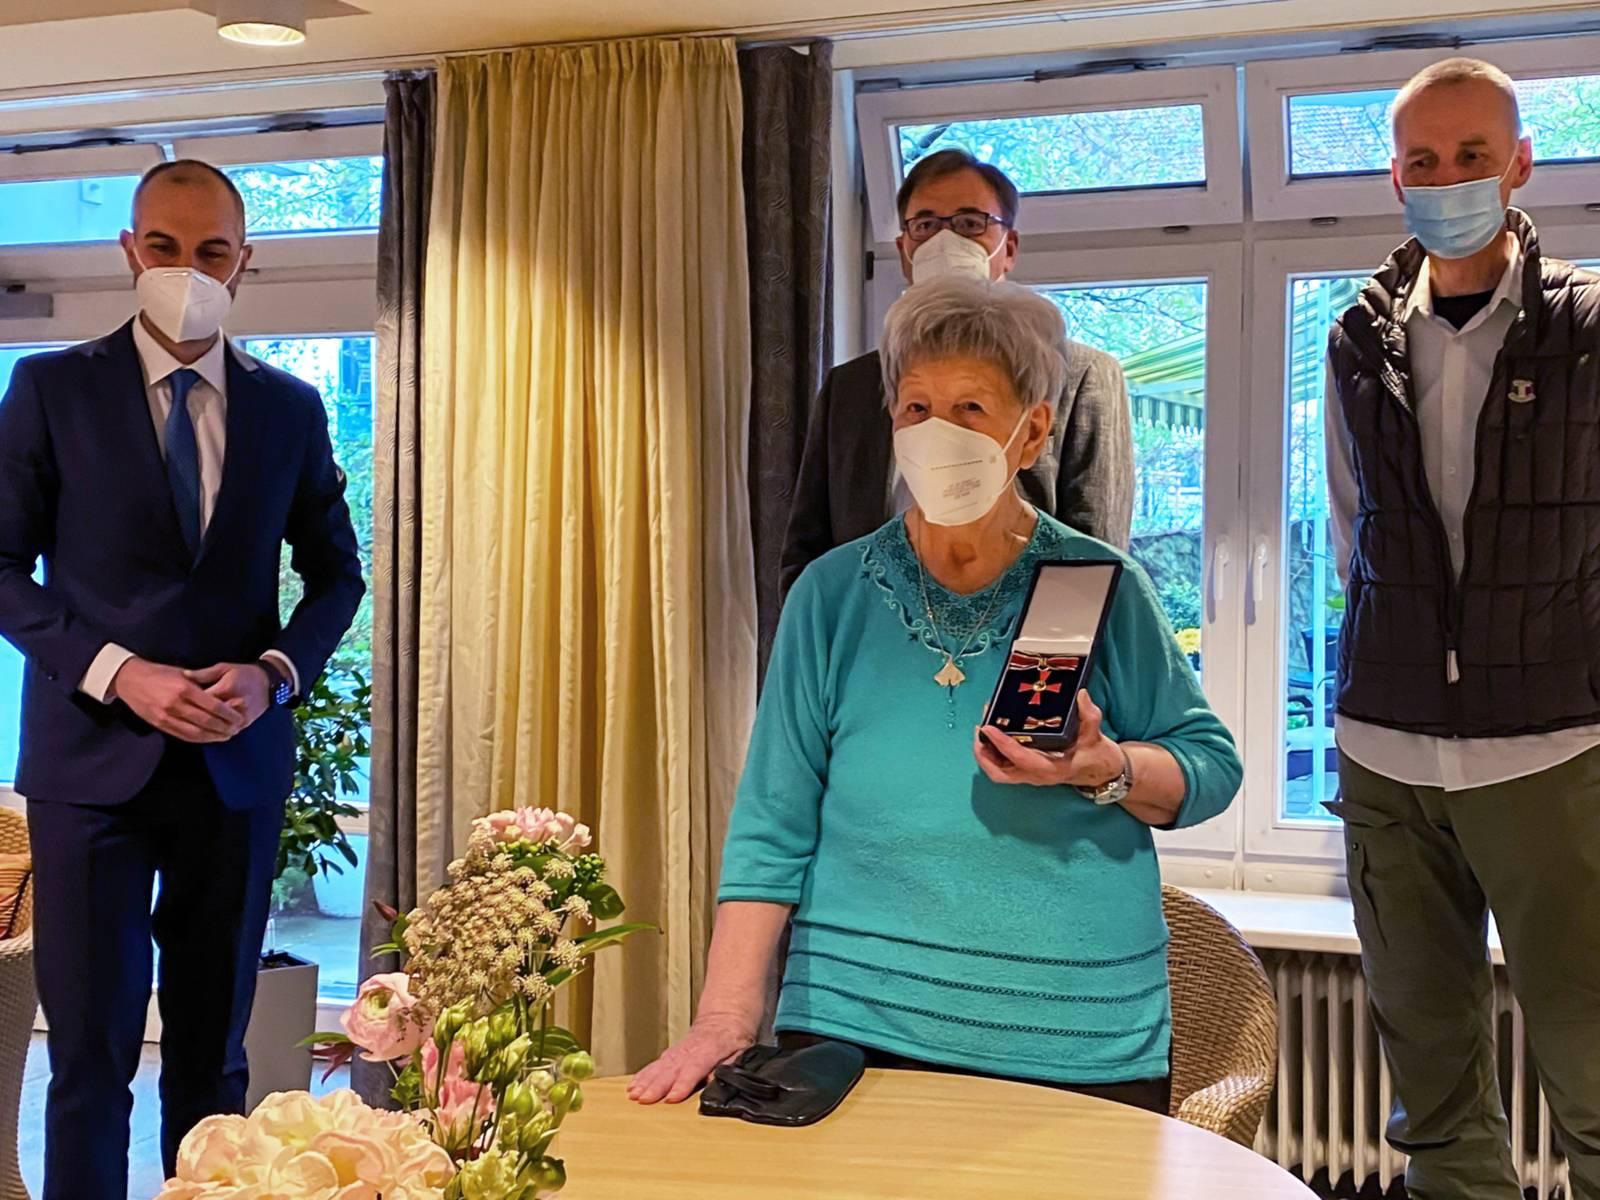 Vier Personen, Frau Ilse Schulz hält im Vordergrund einen Orden in den Händen, im Hintergrund stehen der Oberbürgermeister sowie die Söhne von Frau Schulz